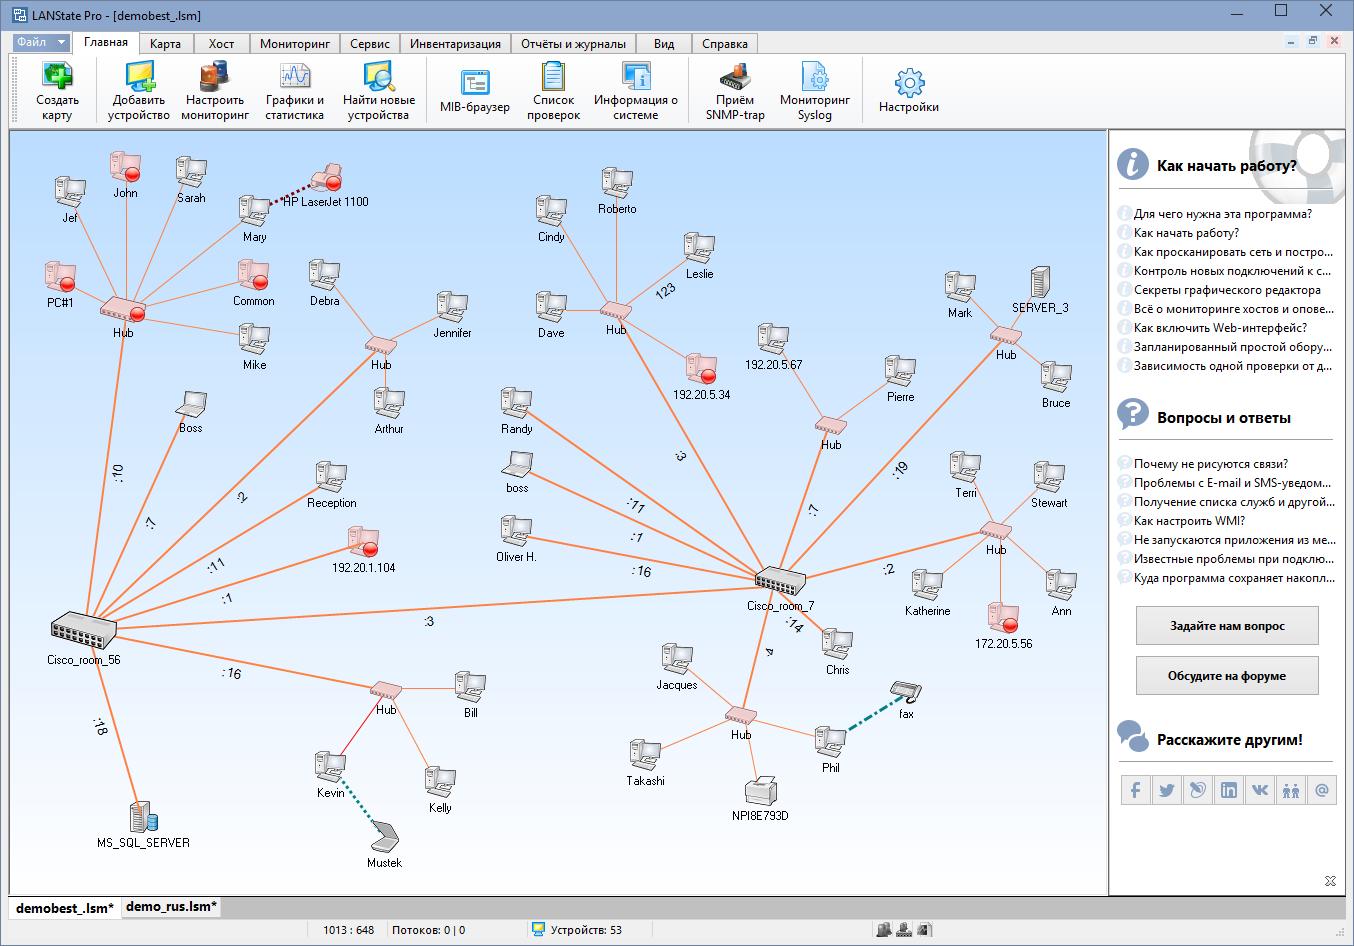 Визуальные схемы сети